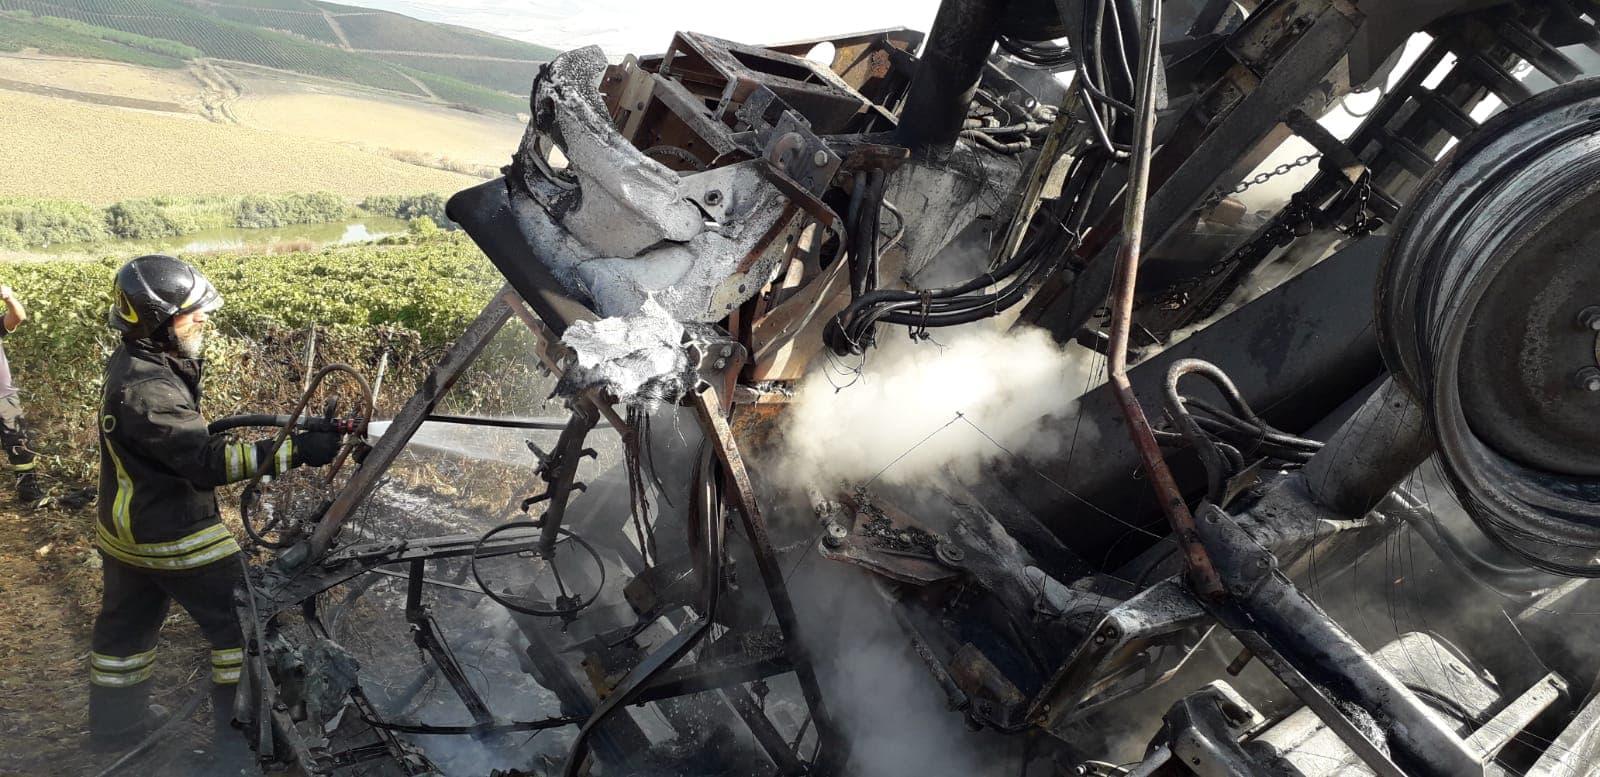 Si ribalta con il trattore che prende fuoco, tragedia sfiorata a Grisì